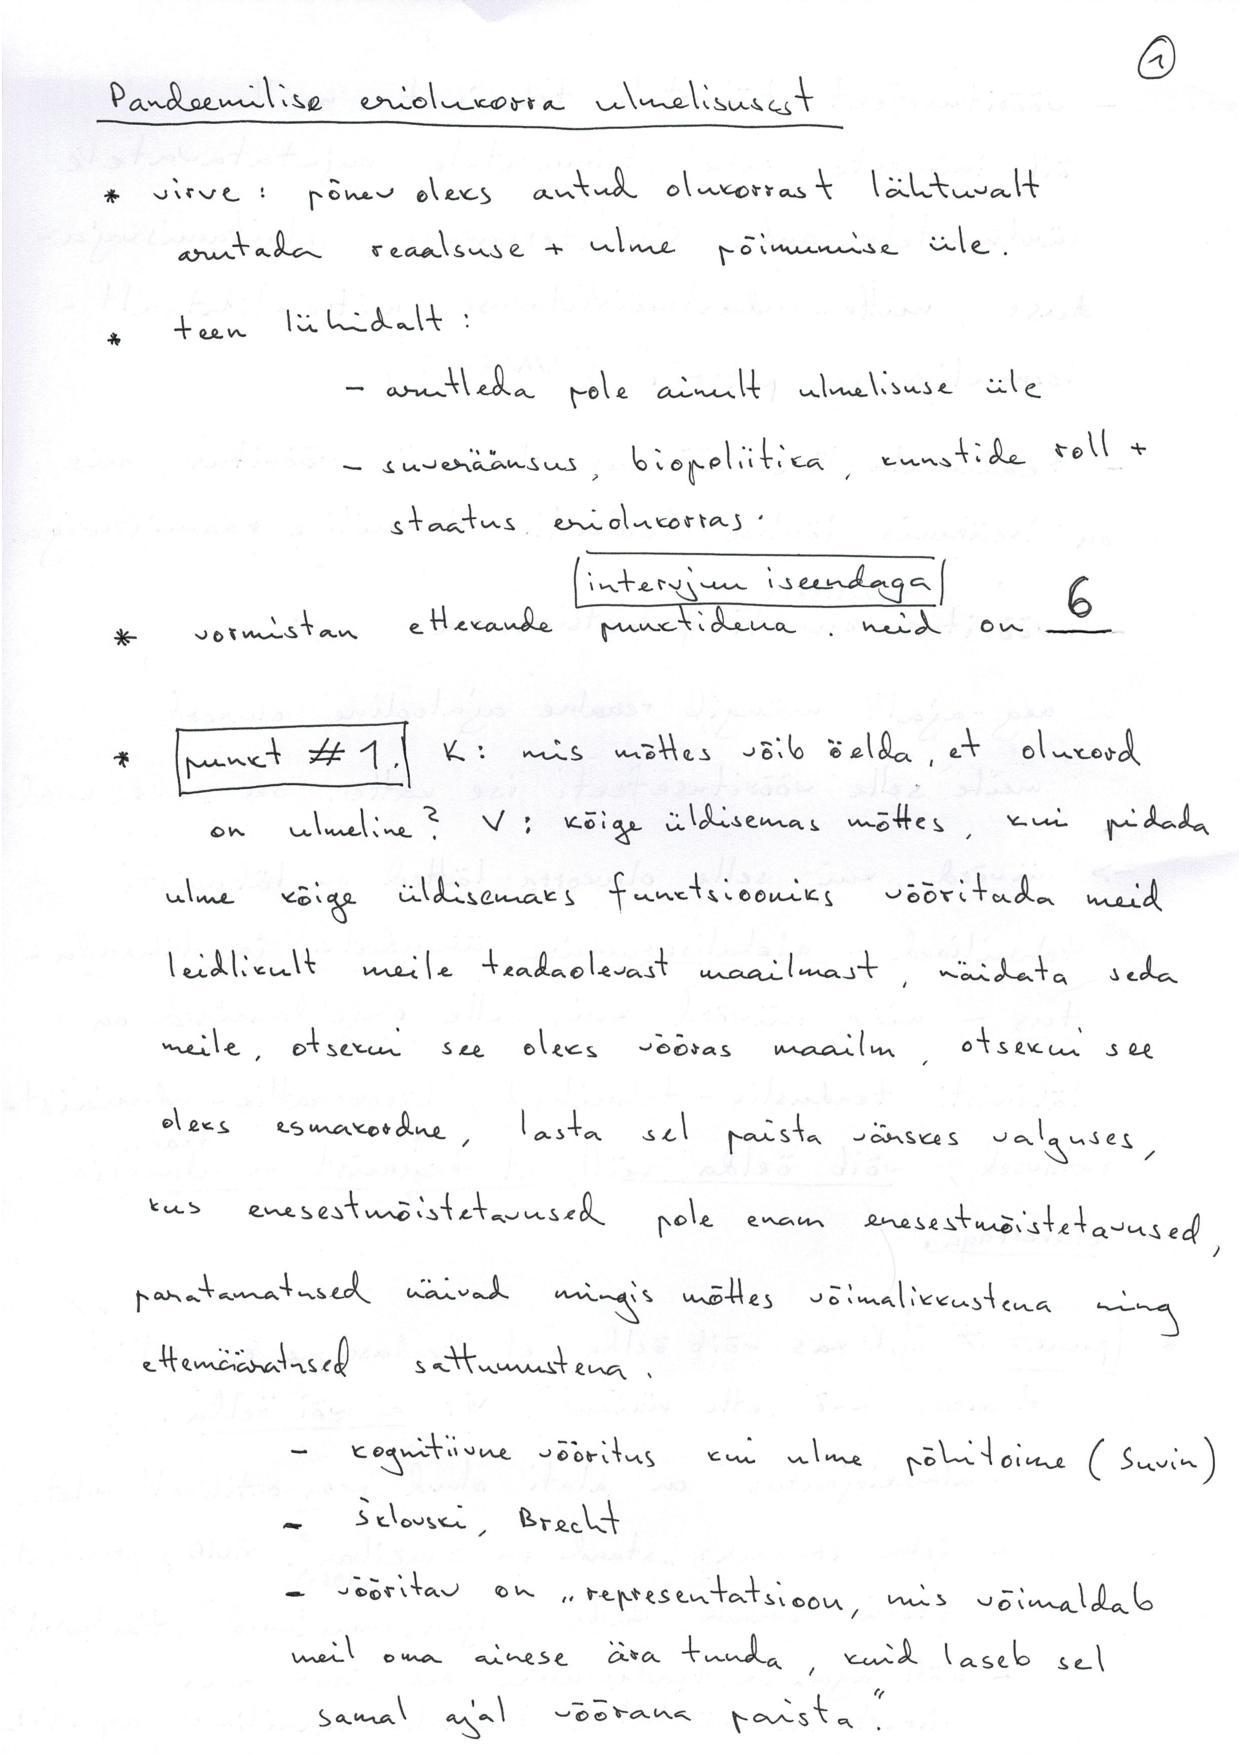 Jaak Tomberg pandeemilise eriolukorra ulmelisusest